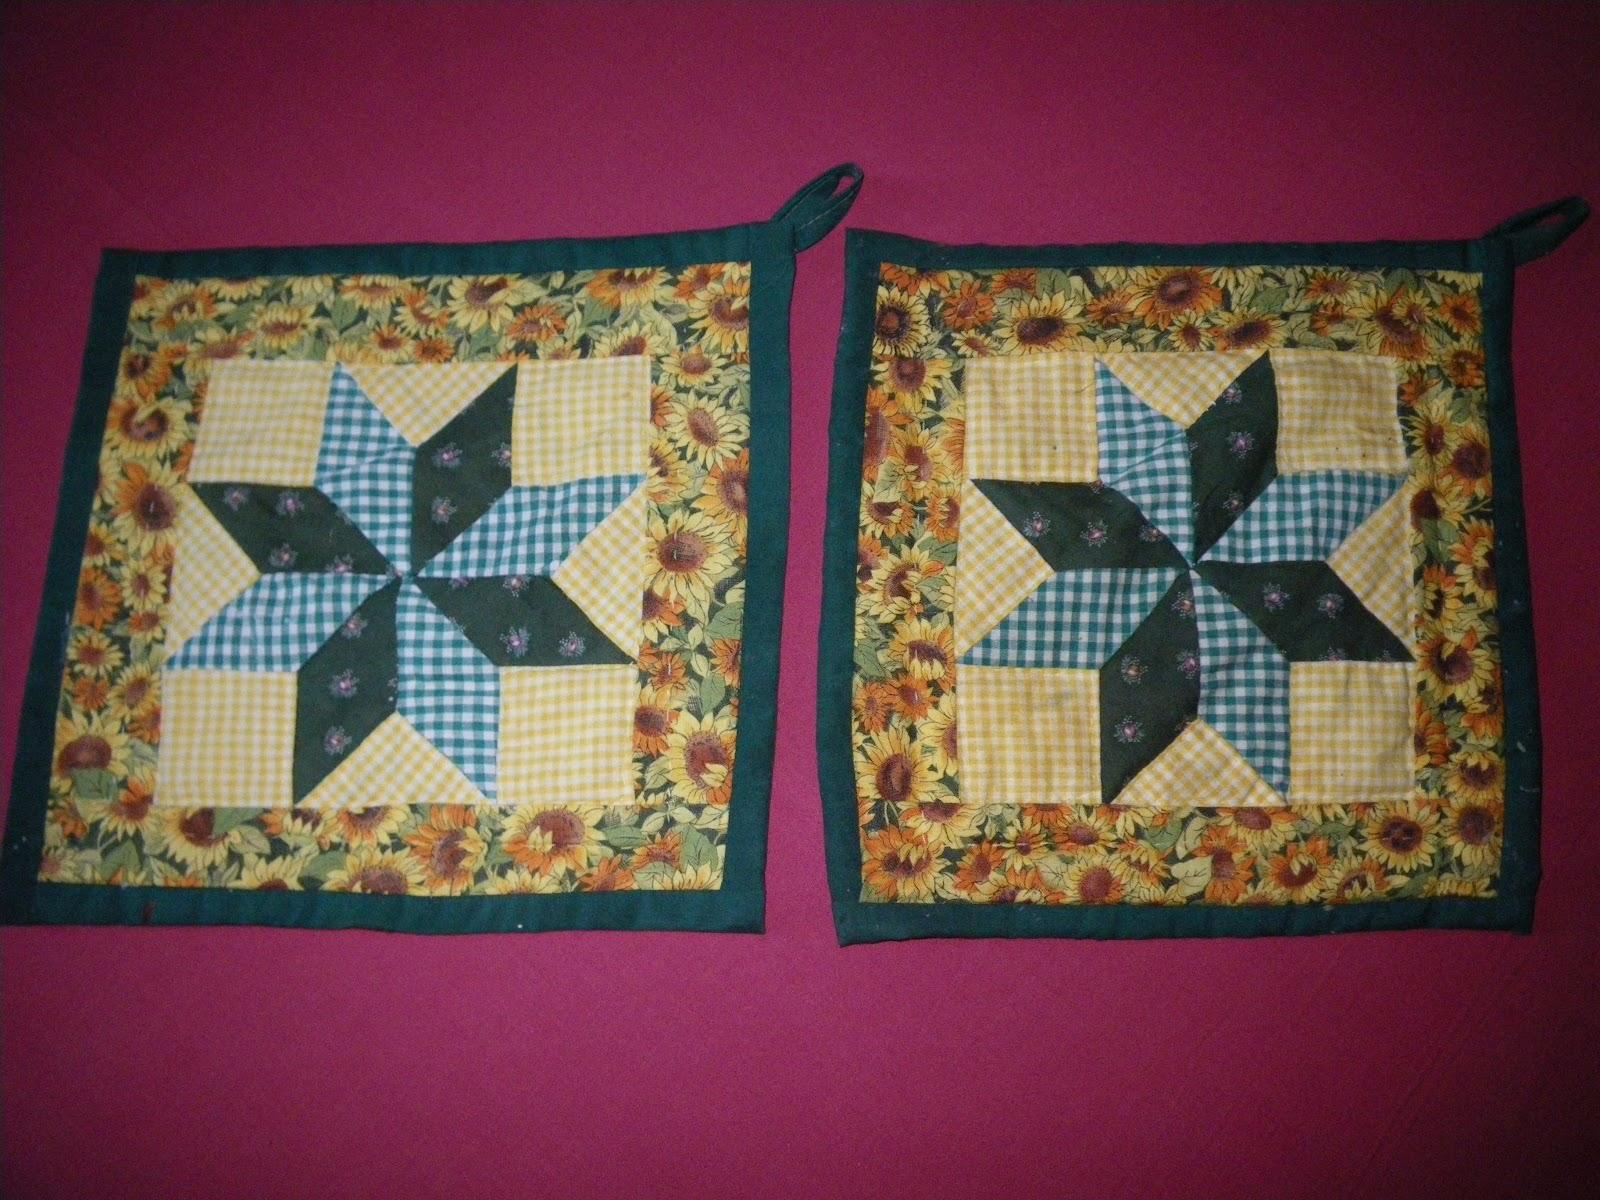 Il nastro a pois lavori del passato - Tecnicas de patchwork a mano ...